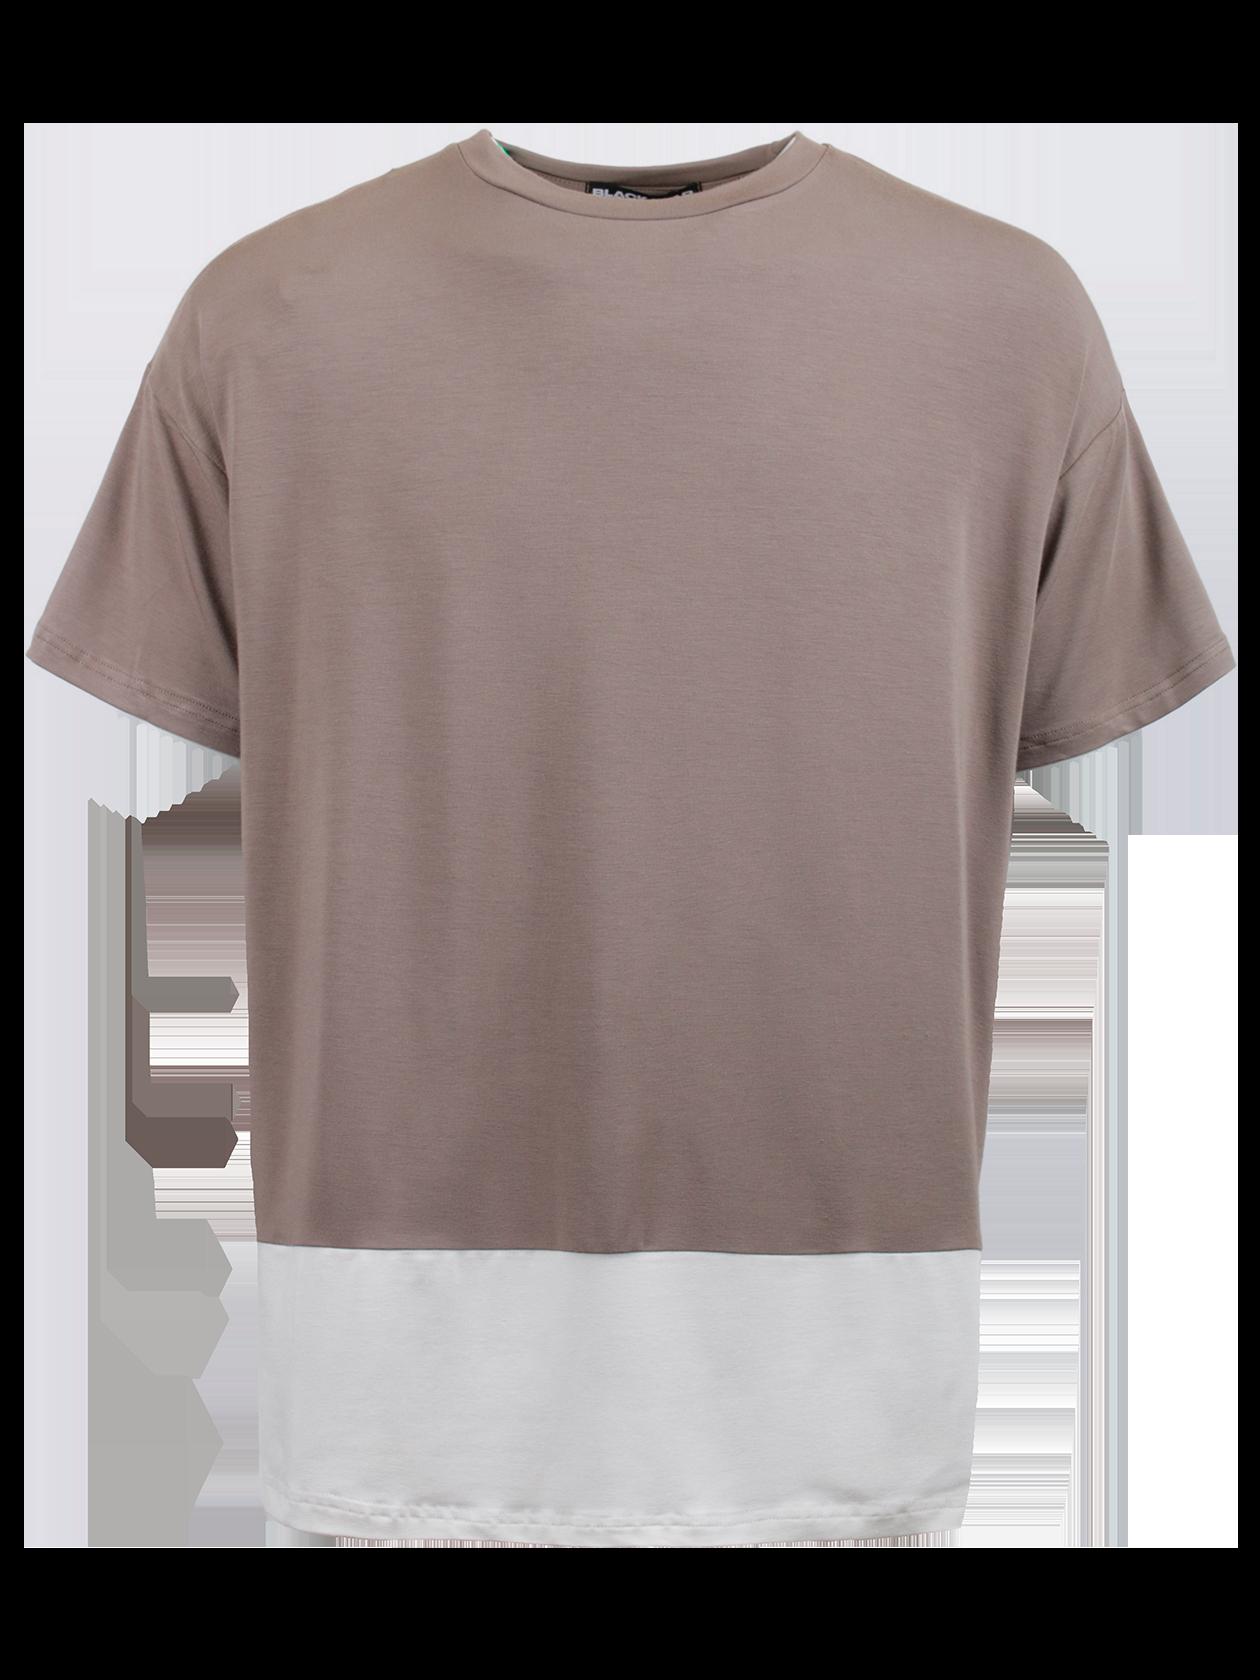 Футболка мужская BS REGULARФутболка мужская BS Regular – стильный и удобный вариант на каждый день. Модель свободного силуэта с небольшим расширением к верхней части. Опущенная линия плеча, широкий короткий рукав, узкая горловина с эластичной обработкой. Изделие представлено в двух расцветках – хаки с белым низом и черная с белым низом. С тыльной стороны внизу оформлена крупная надпись Black Star. Футболка создана из элитного натурального хлопка, отличающегося особым качеством и практичностью.<br><br>Размер: XL<br>Цвет: Хаки<br>Пол: Мужской